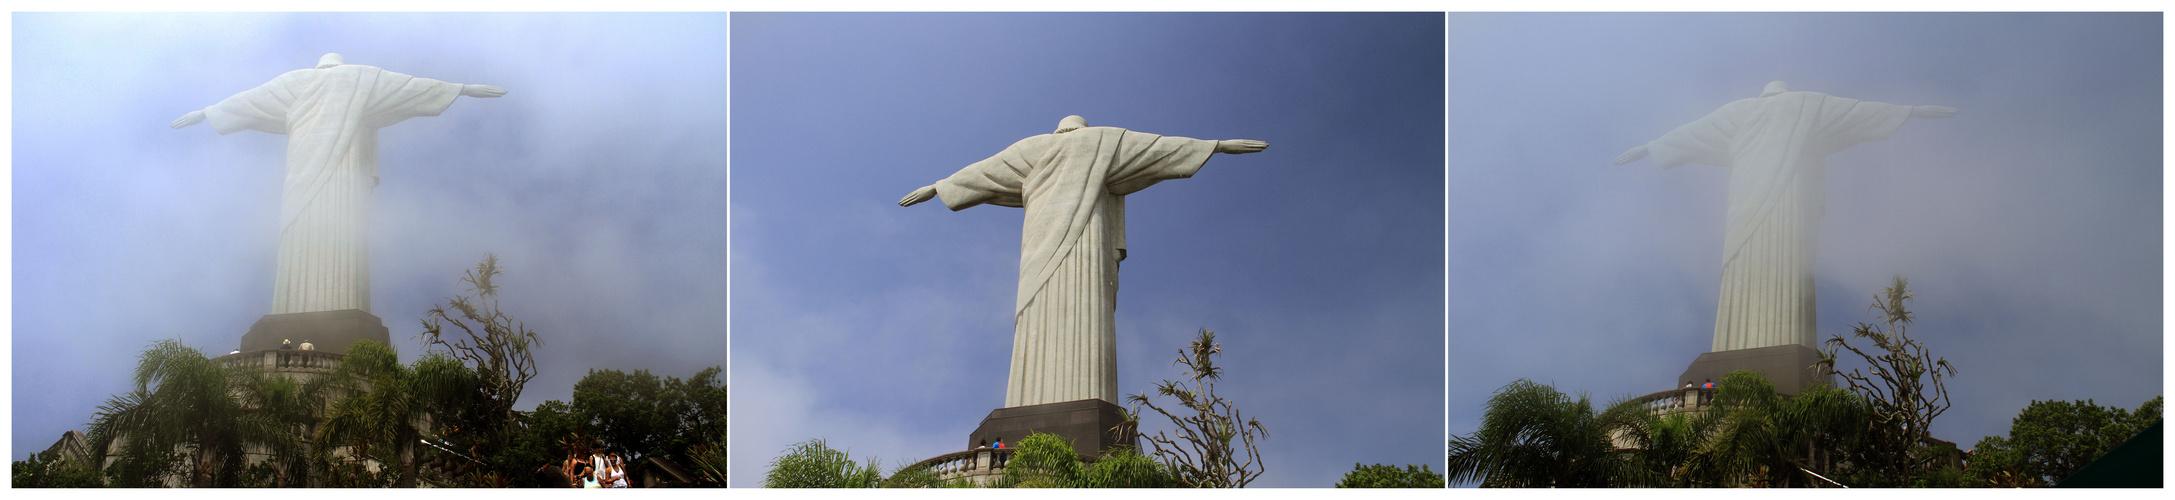 Christusstatue, von Wolken  umspielt